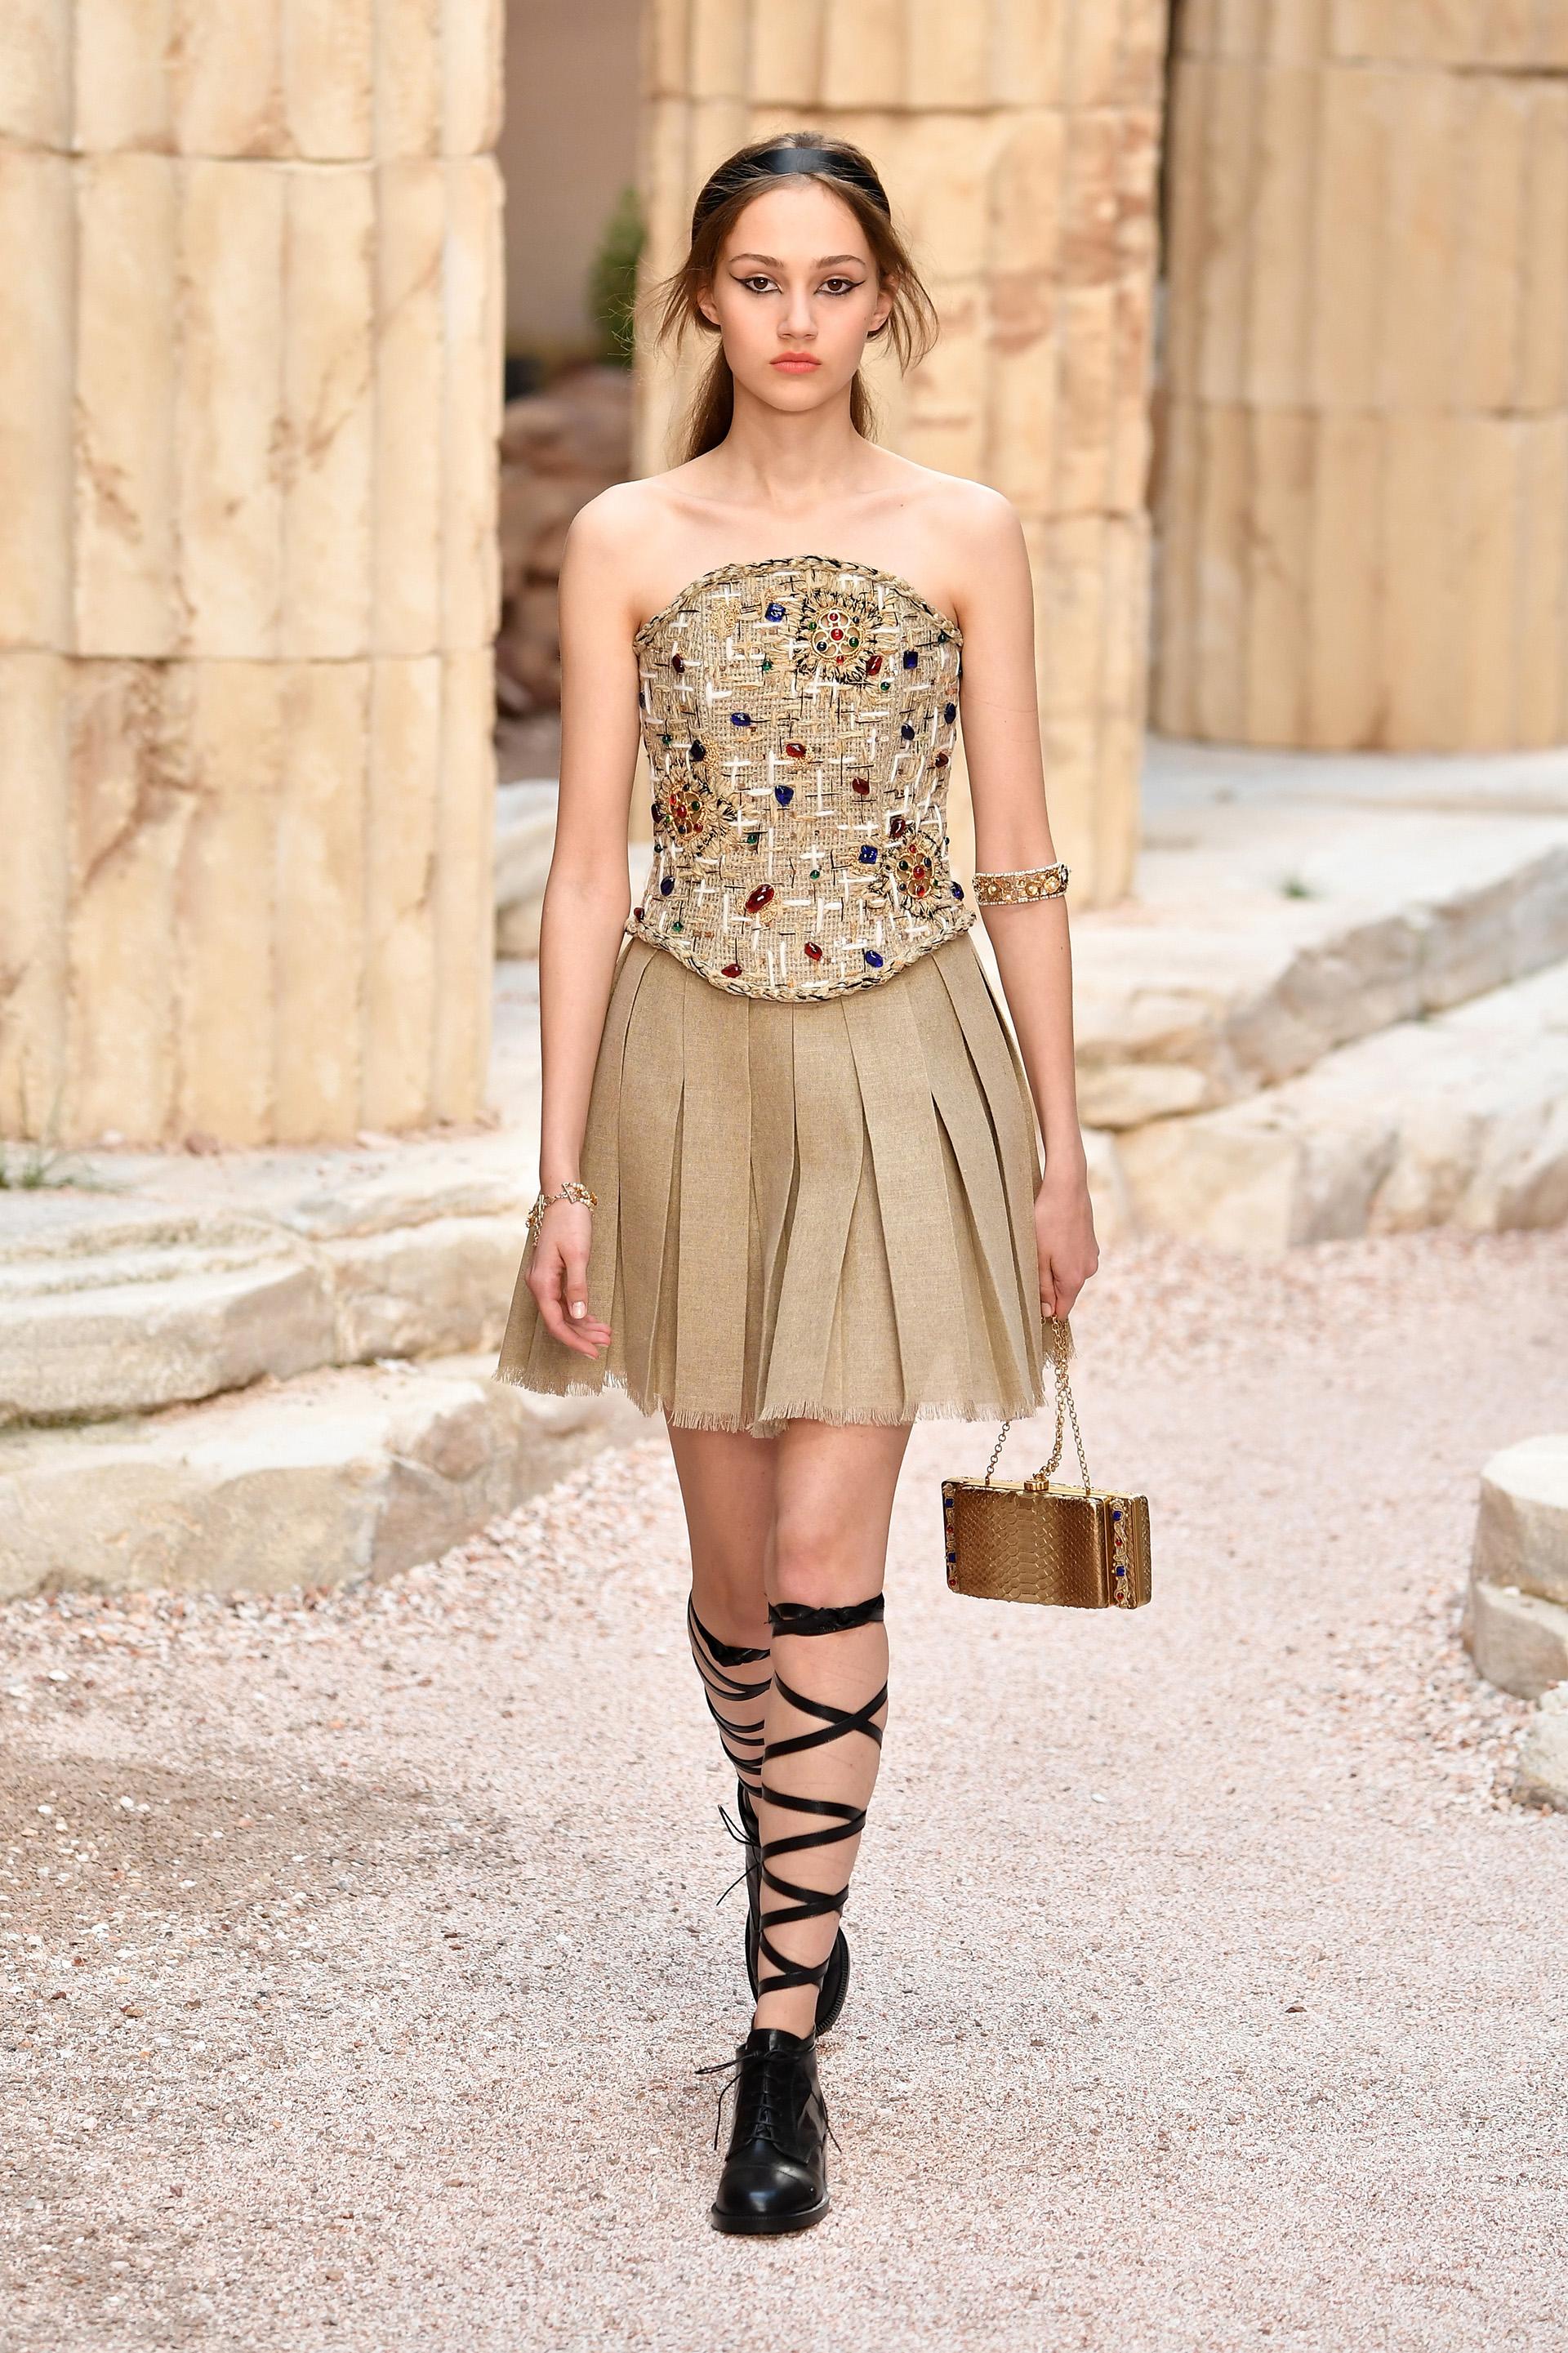 La mini deChanel , la propuesta de estilo de su colección primavera verano 2017/2018 presentado en el Grand Palais de París. (Photo by Pascal Le Segretain/Getty Images)